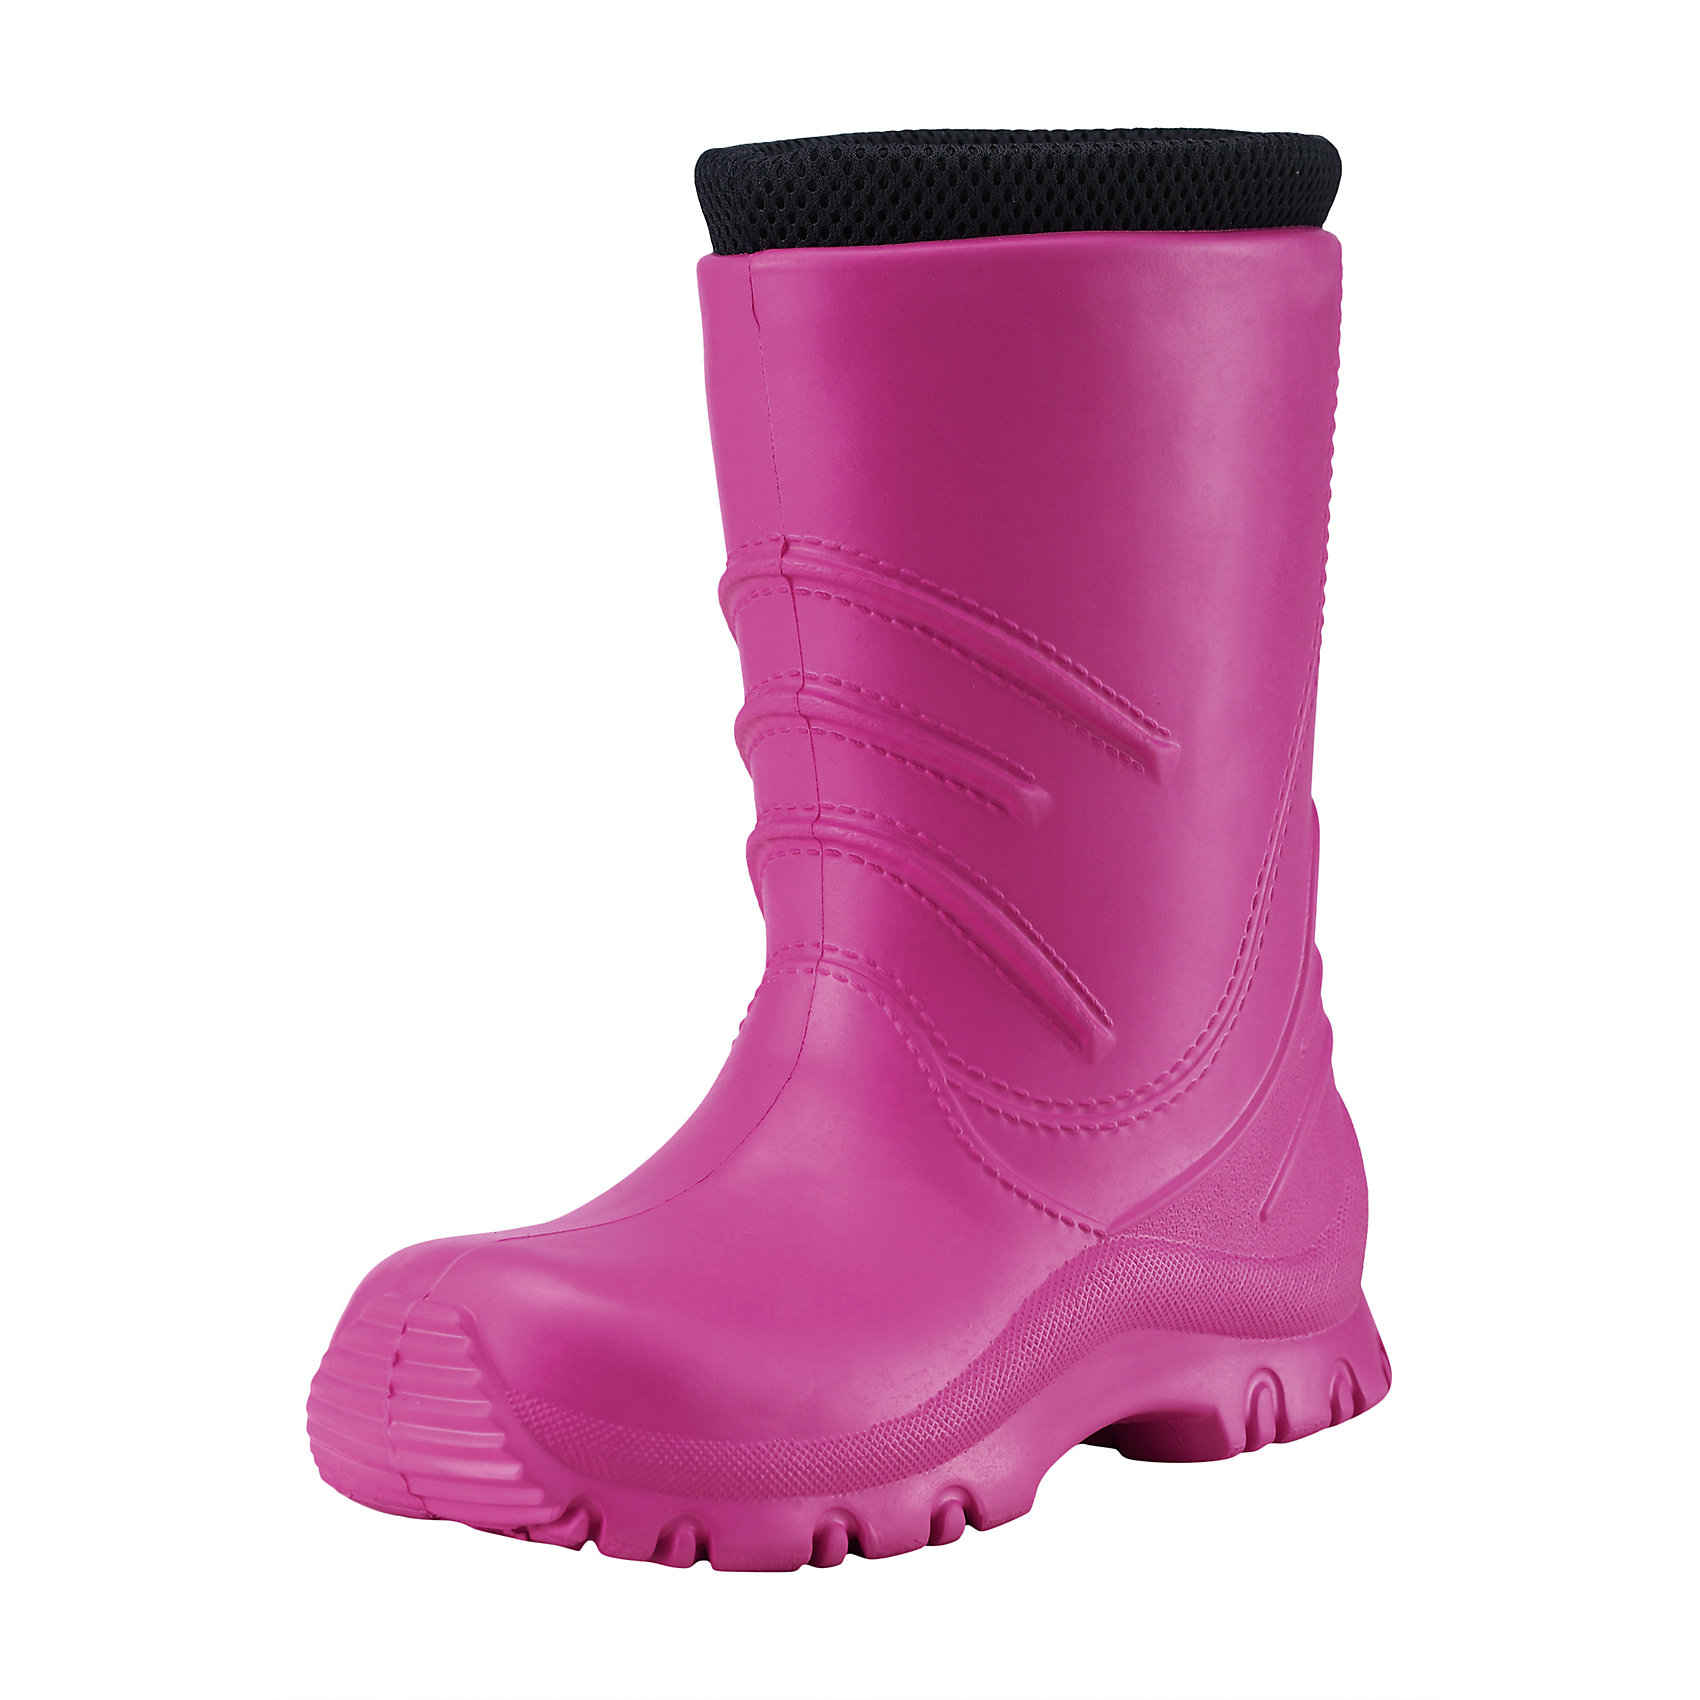 Резиновые сапоги Frillo Rainboot ReimaОбувь<br>Характеристики товара:<br><br>• цвет: розовый<br>• внешний материал: ЭВА<br>• внутренний материал: текстиль<br>• стелька: текстиль<br>• подошва: ЭВА<br>• температурный режим: от +5°до +20°С<br>• водонепроницаемая мембрана свыше 12000 мм<br>• водонепроницаемый материал<br>• съёмный внутренний сапожок<br>• можно носить как с сапожком так и без него<br>• очень лёгкие<br>• хорошее сцепление с поверхностью<br>• страна бренда: Финляндия<br>• страна производства: Китай<br><br>Детская обувь может быть модной и комфортной одновременно! Удобные стильные сапоги-веллингтоны помогут обеспечить ребенку комфорт во время непогоды и межсезонья. Они отлично смотрятся с различной одеждой. Сапоги очень легкие, удобно сидят на ноге и аккуратно смотрятся. Легко чистятся и долго служат. Продуманная конструкция разрабатывалась специально для детей.<br><br>Сапоги от финского бренда Reima (Рейма) можно купить в нашем интернет-магазине.<br><br>Ширина мм: 237<br>Глубина мм: 180<br>Высота мм: 152<br>Вес г: 438<br>Цвет: розовый<br>Возраст от месяцев: 48<br>Возраст до месяцев: 60<br>Пол: Женский<br>Возраст: Детский<br>Размер: 28,30,26,24,22,32,34<br>SKU: 5266782